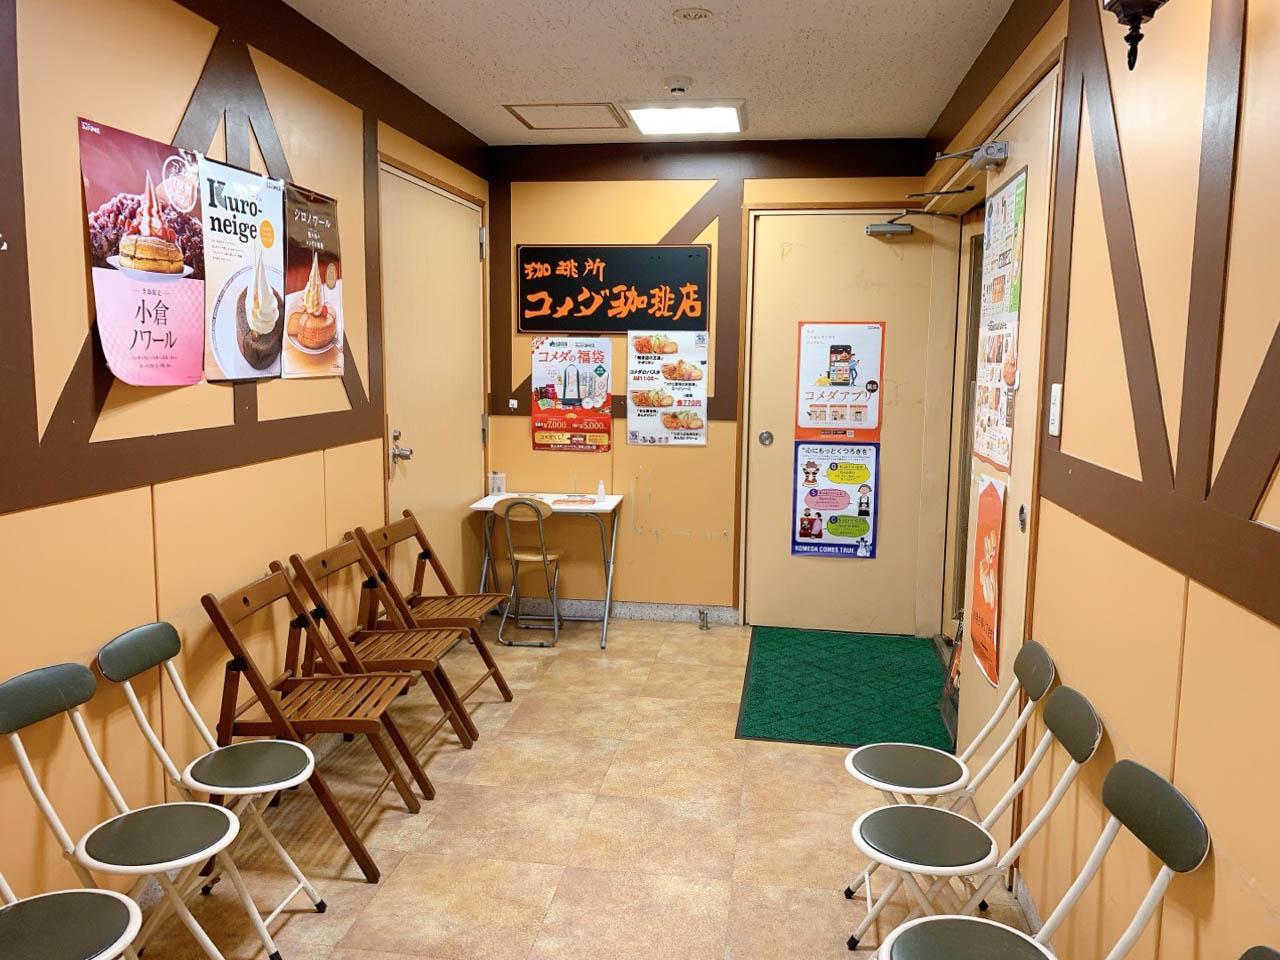 コメダ珈琲店 松戸伊勢丹通店の雰囲気